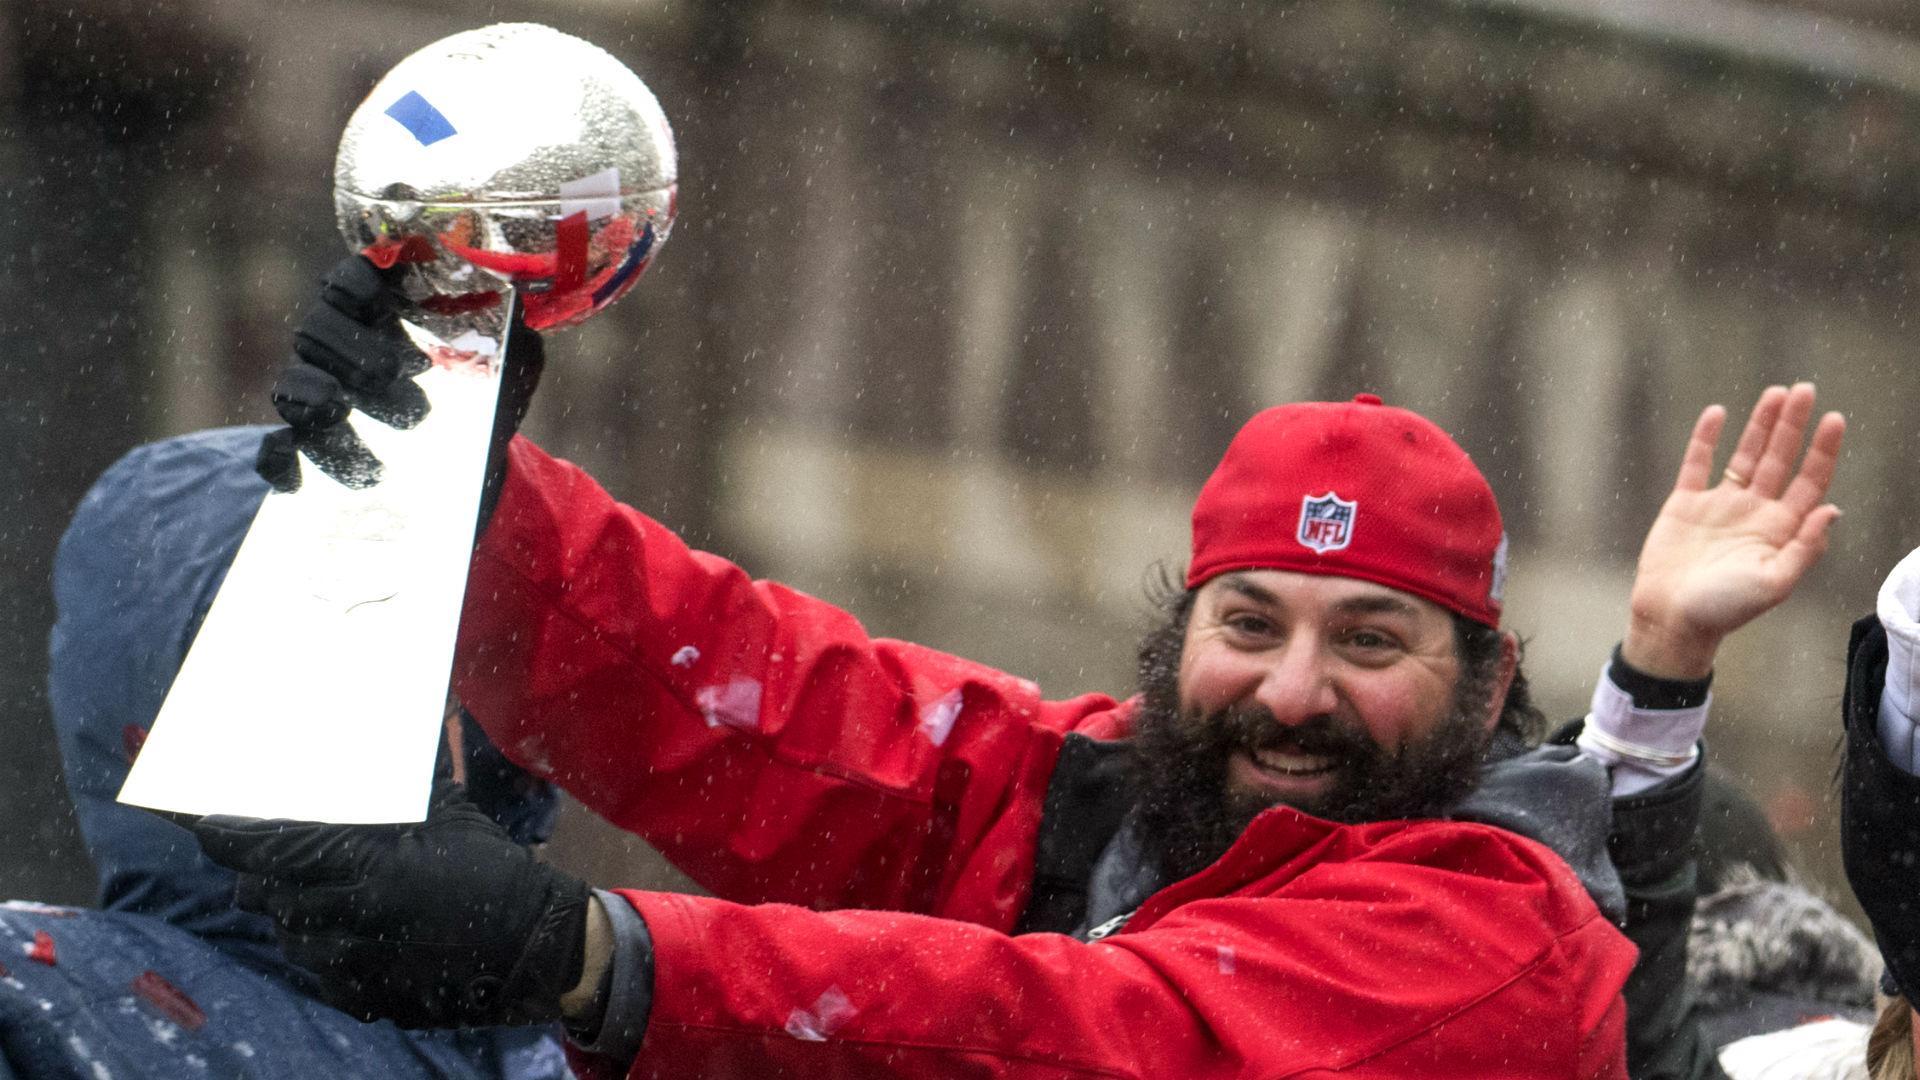 Some Boston Globe editions suggest Patriots lost Super Bowl